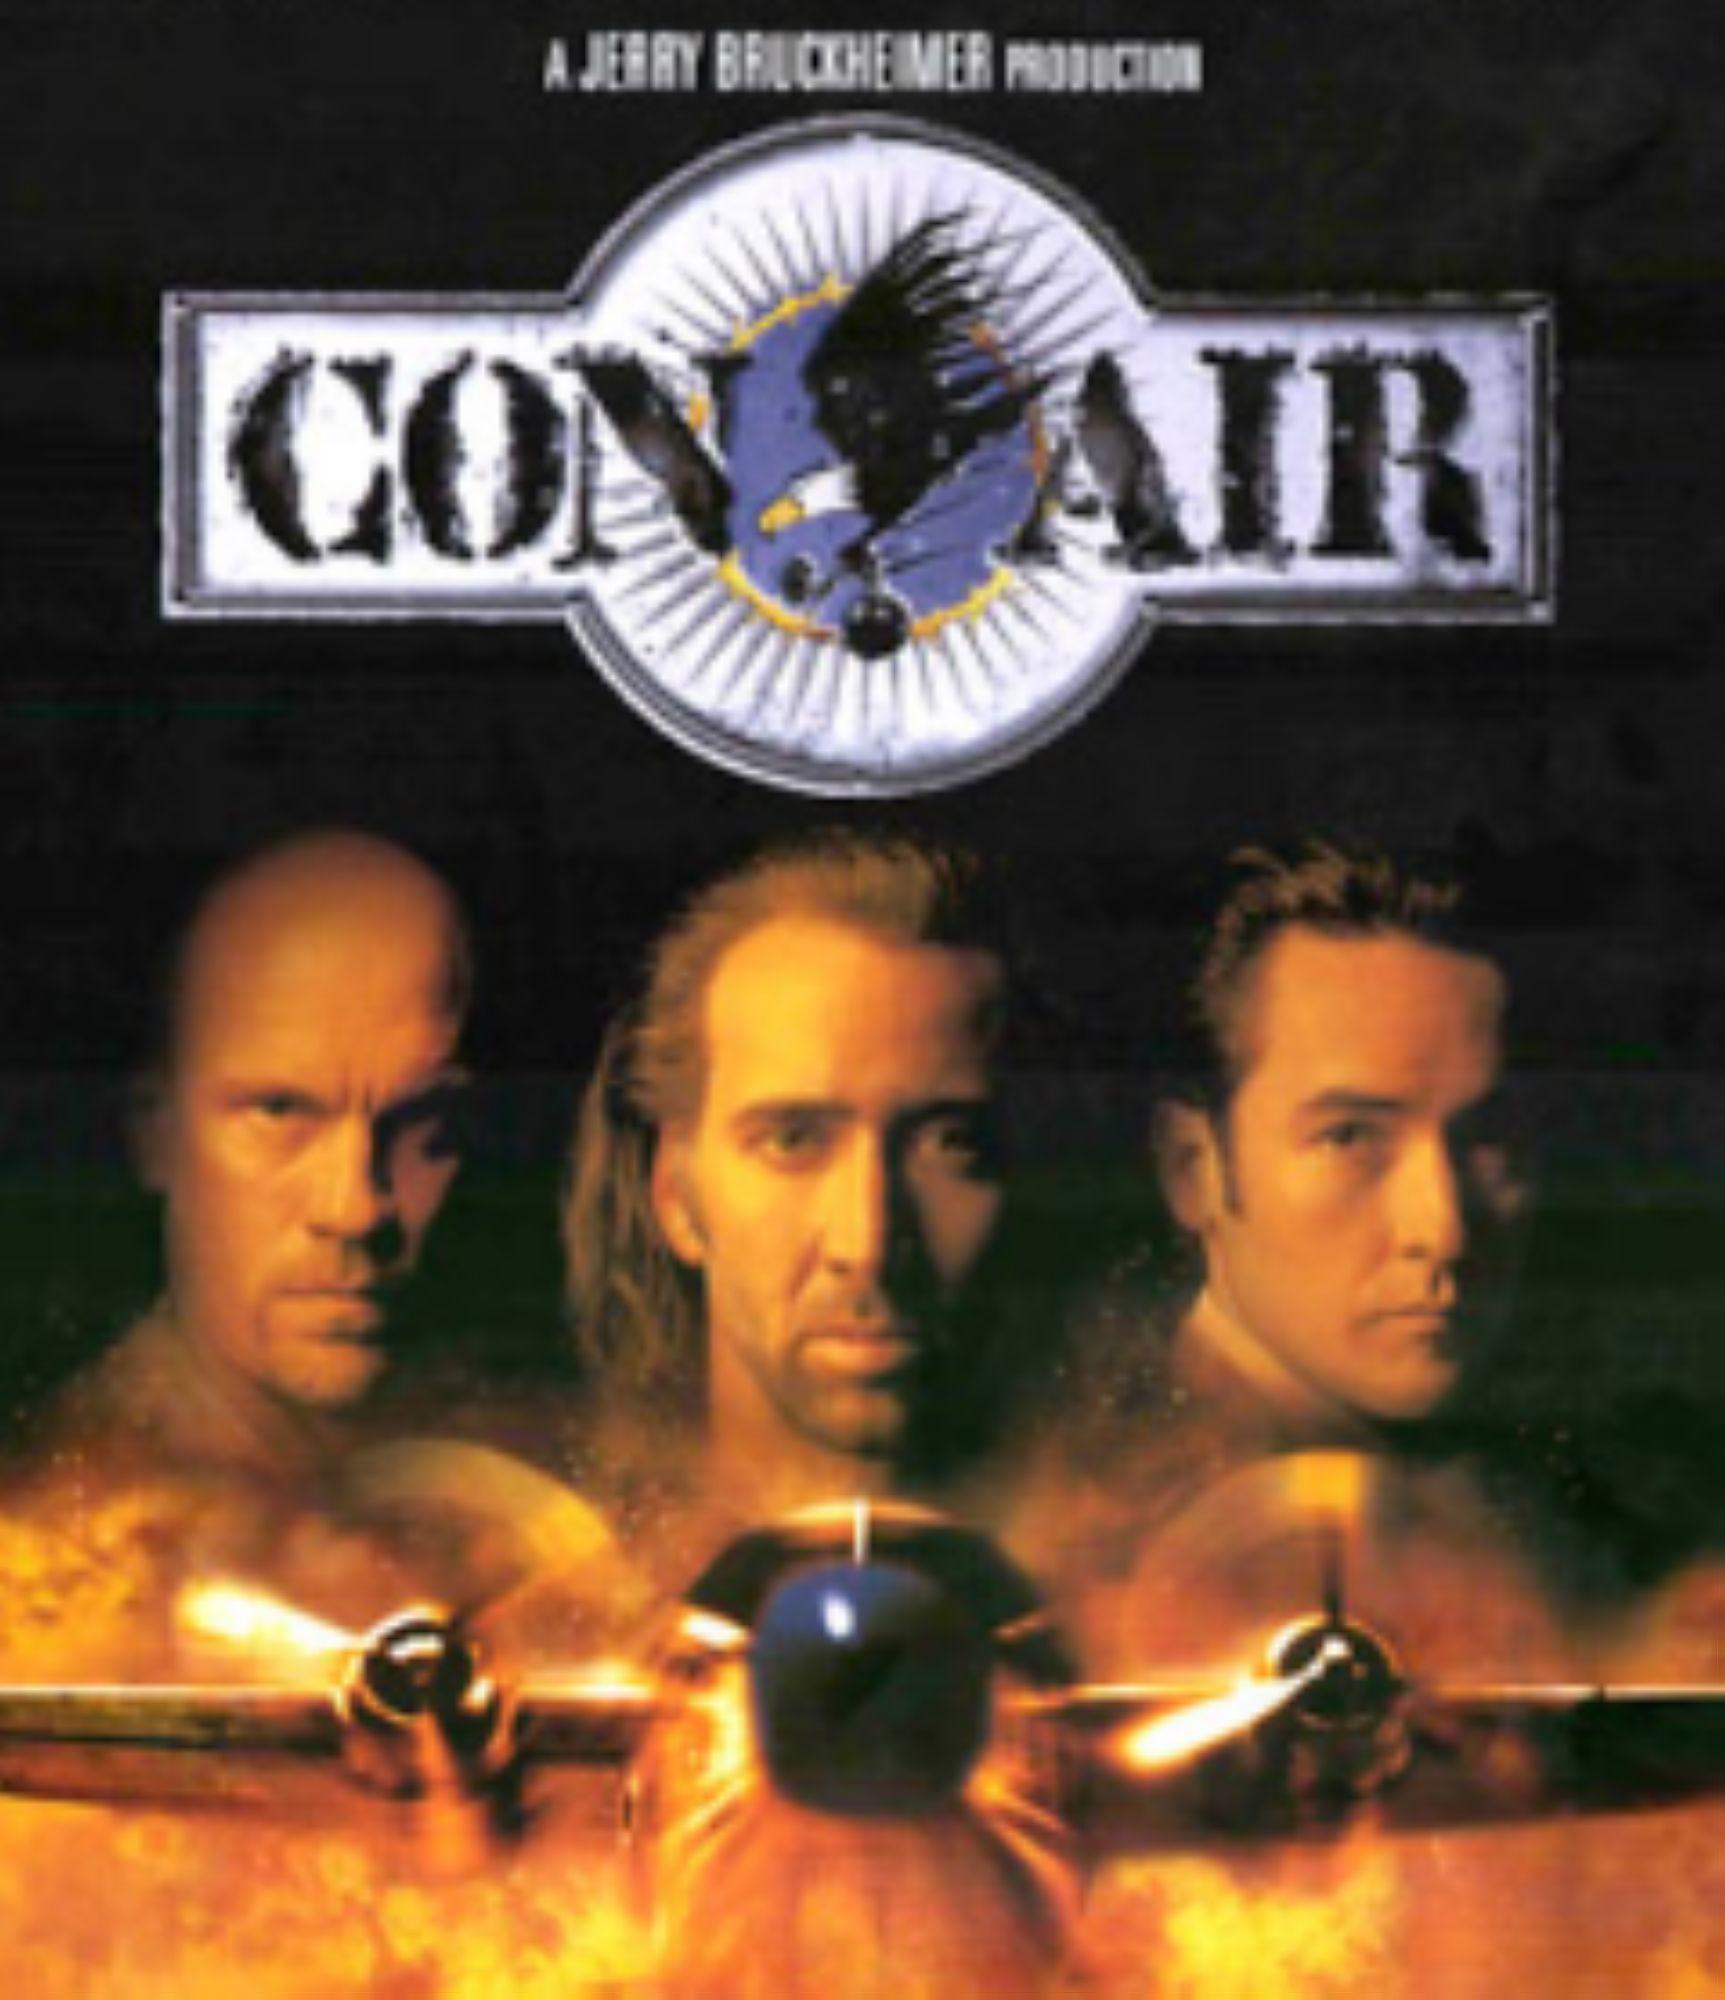 02-Con-Air-Poster